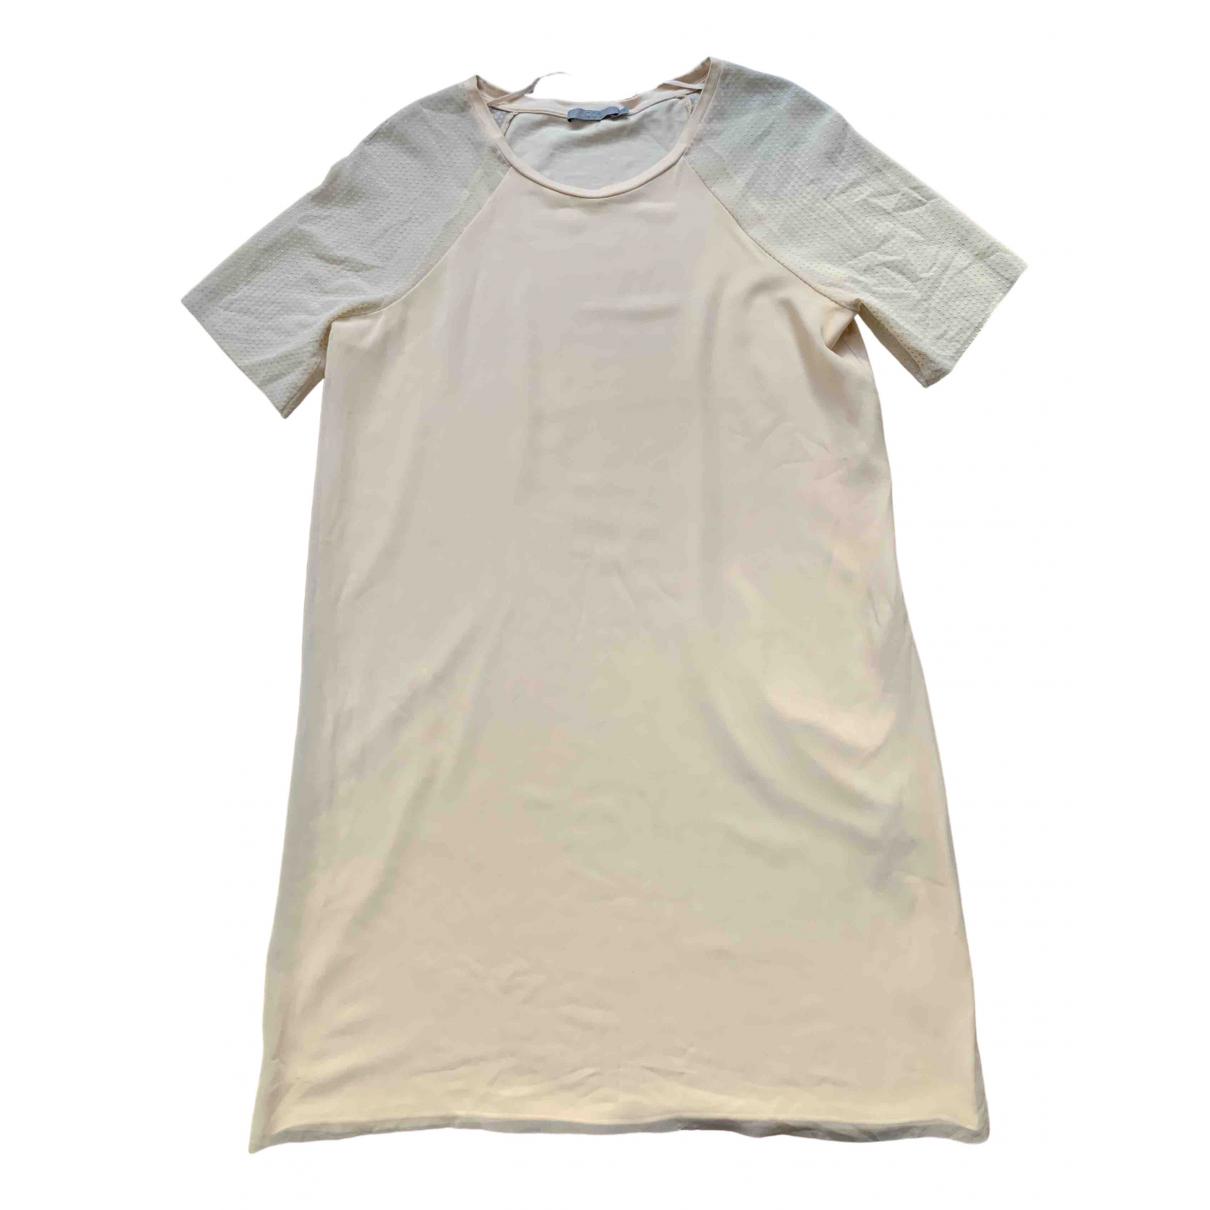 Cos \N Beige Cotton dress for Women XS International